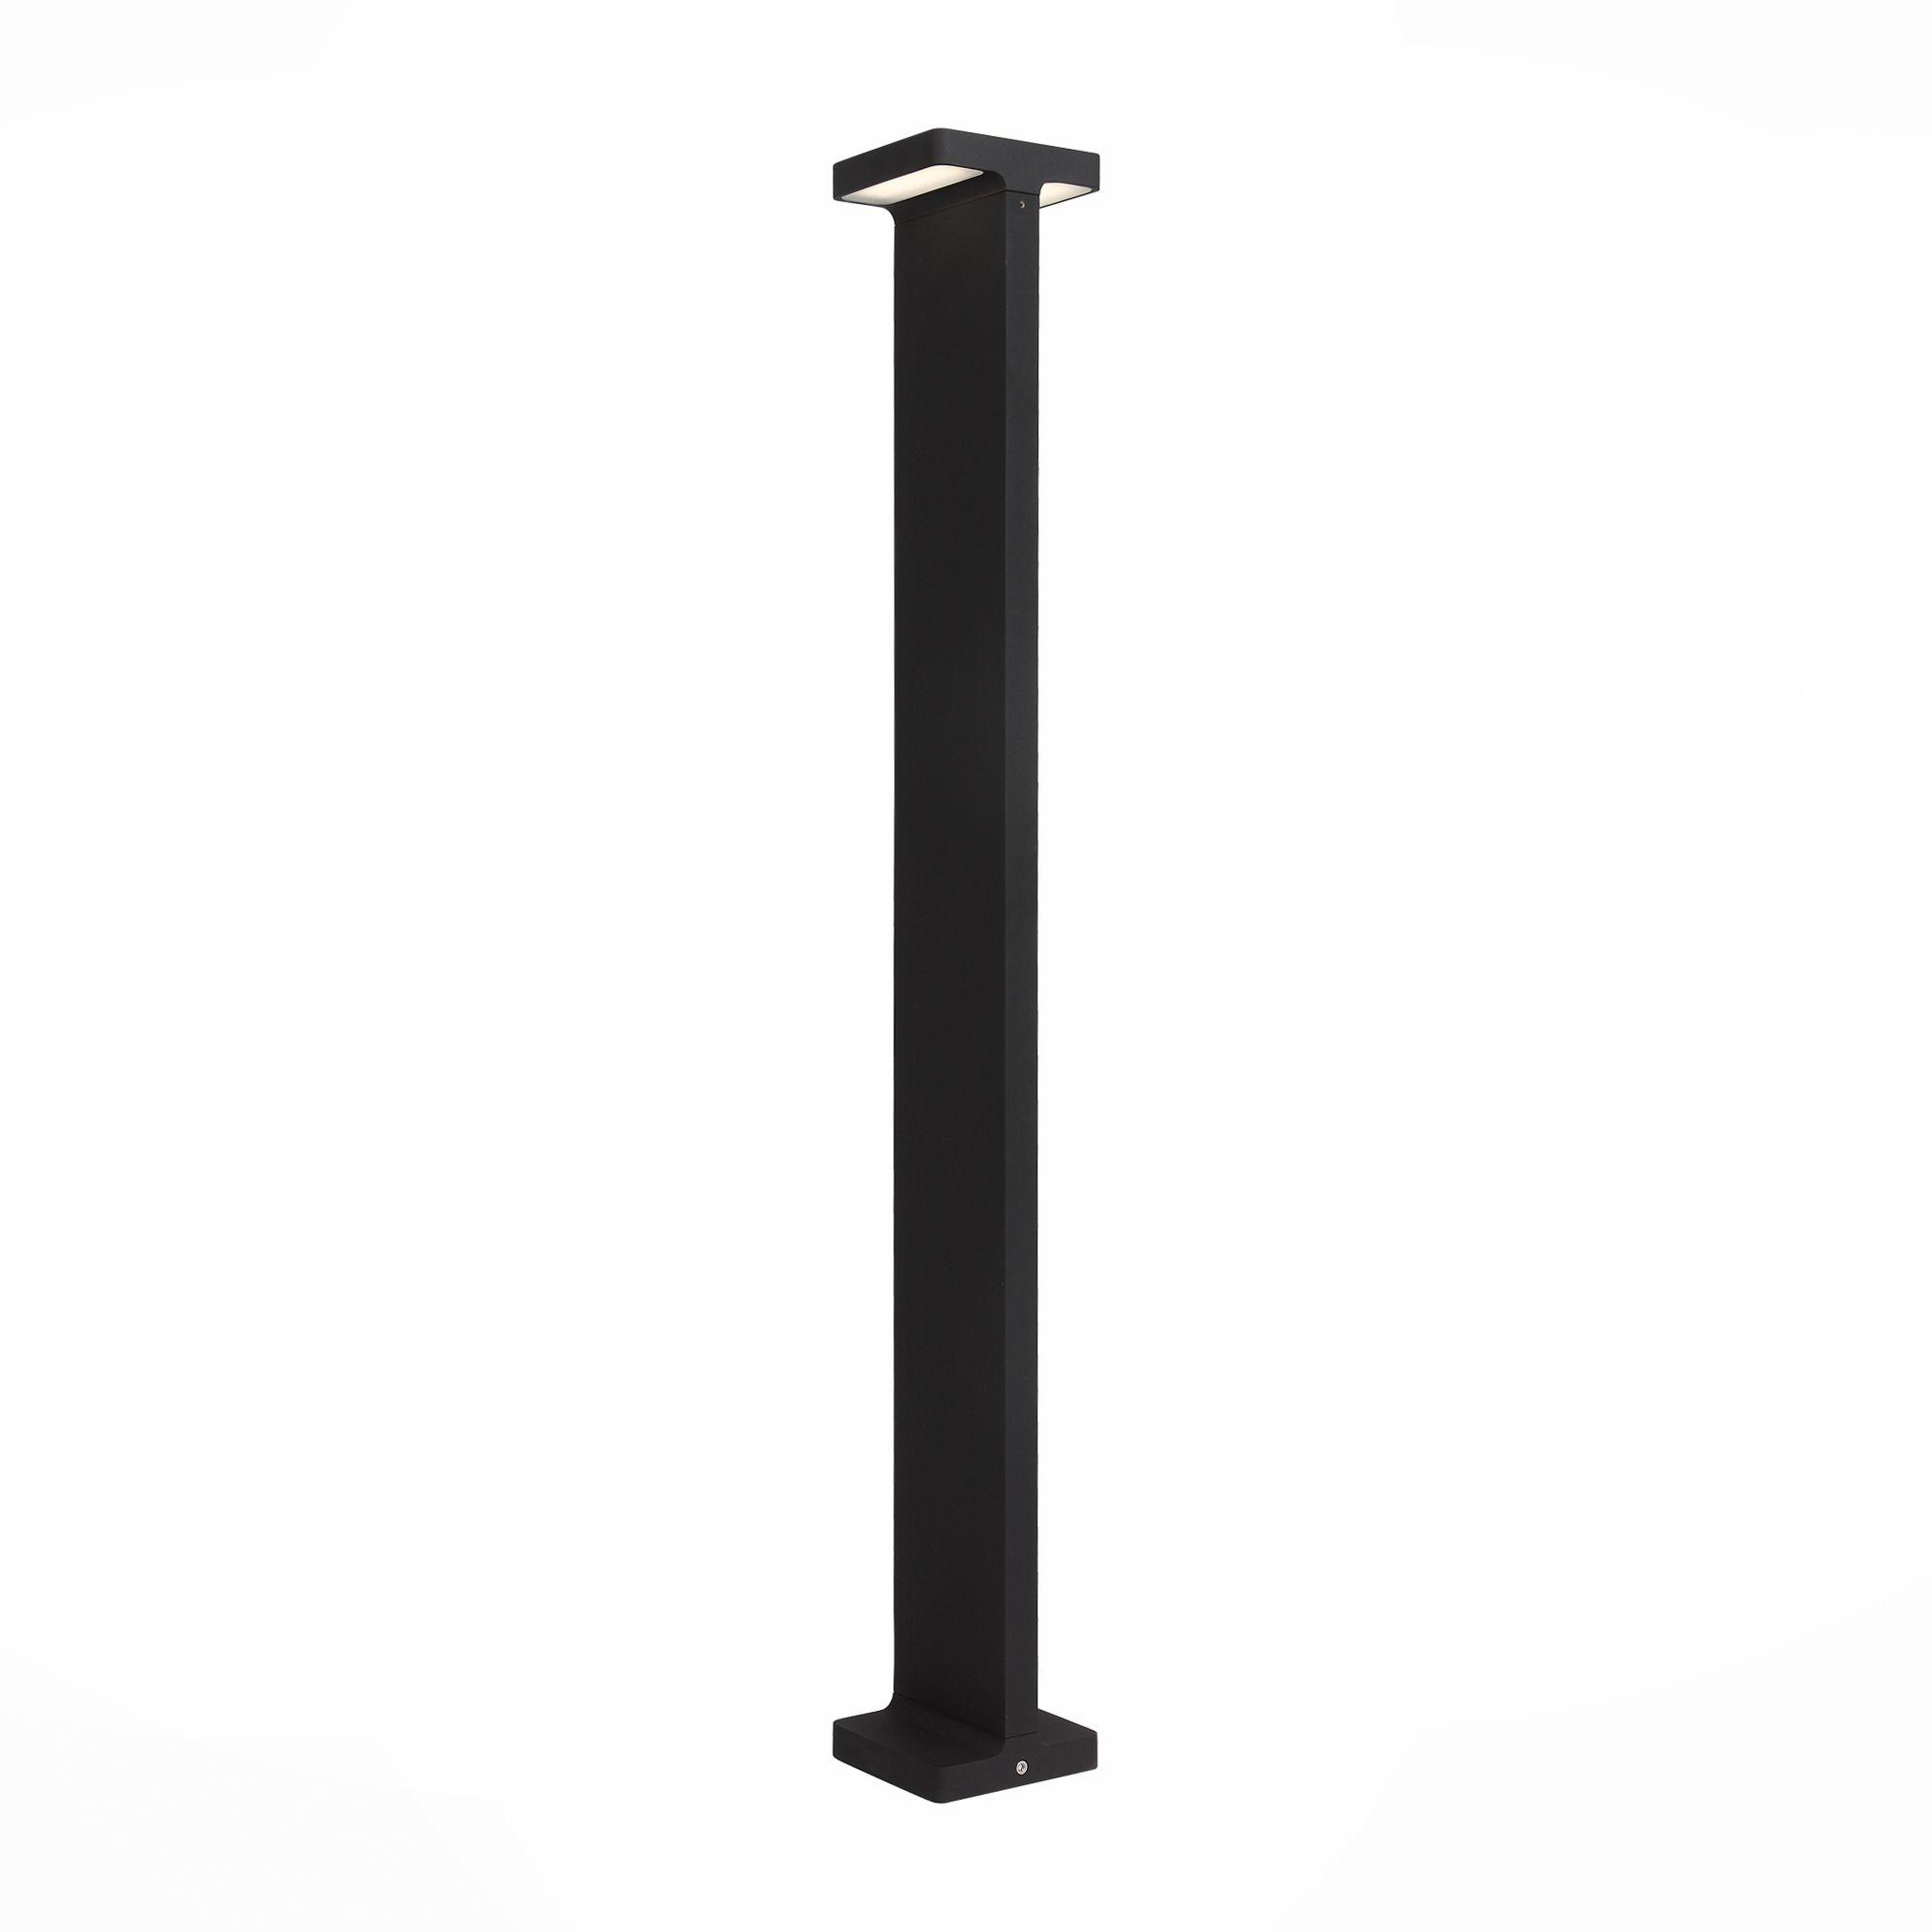 Светильник уличный наземный ST-Luce Черный/Черный LED 2*6W SL095.445.02